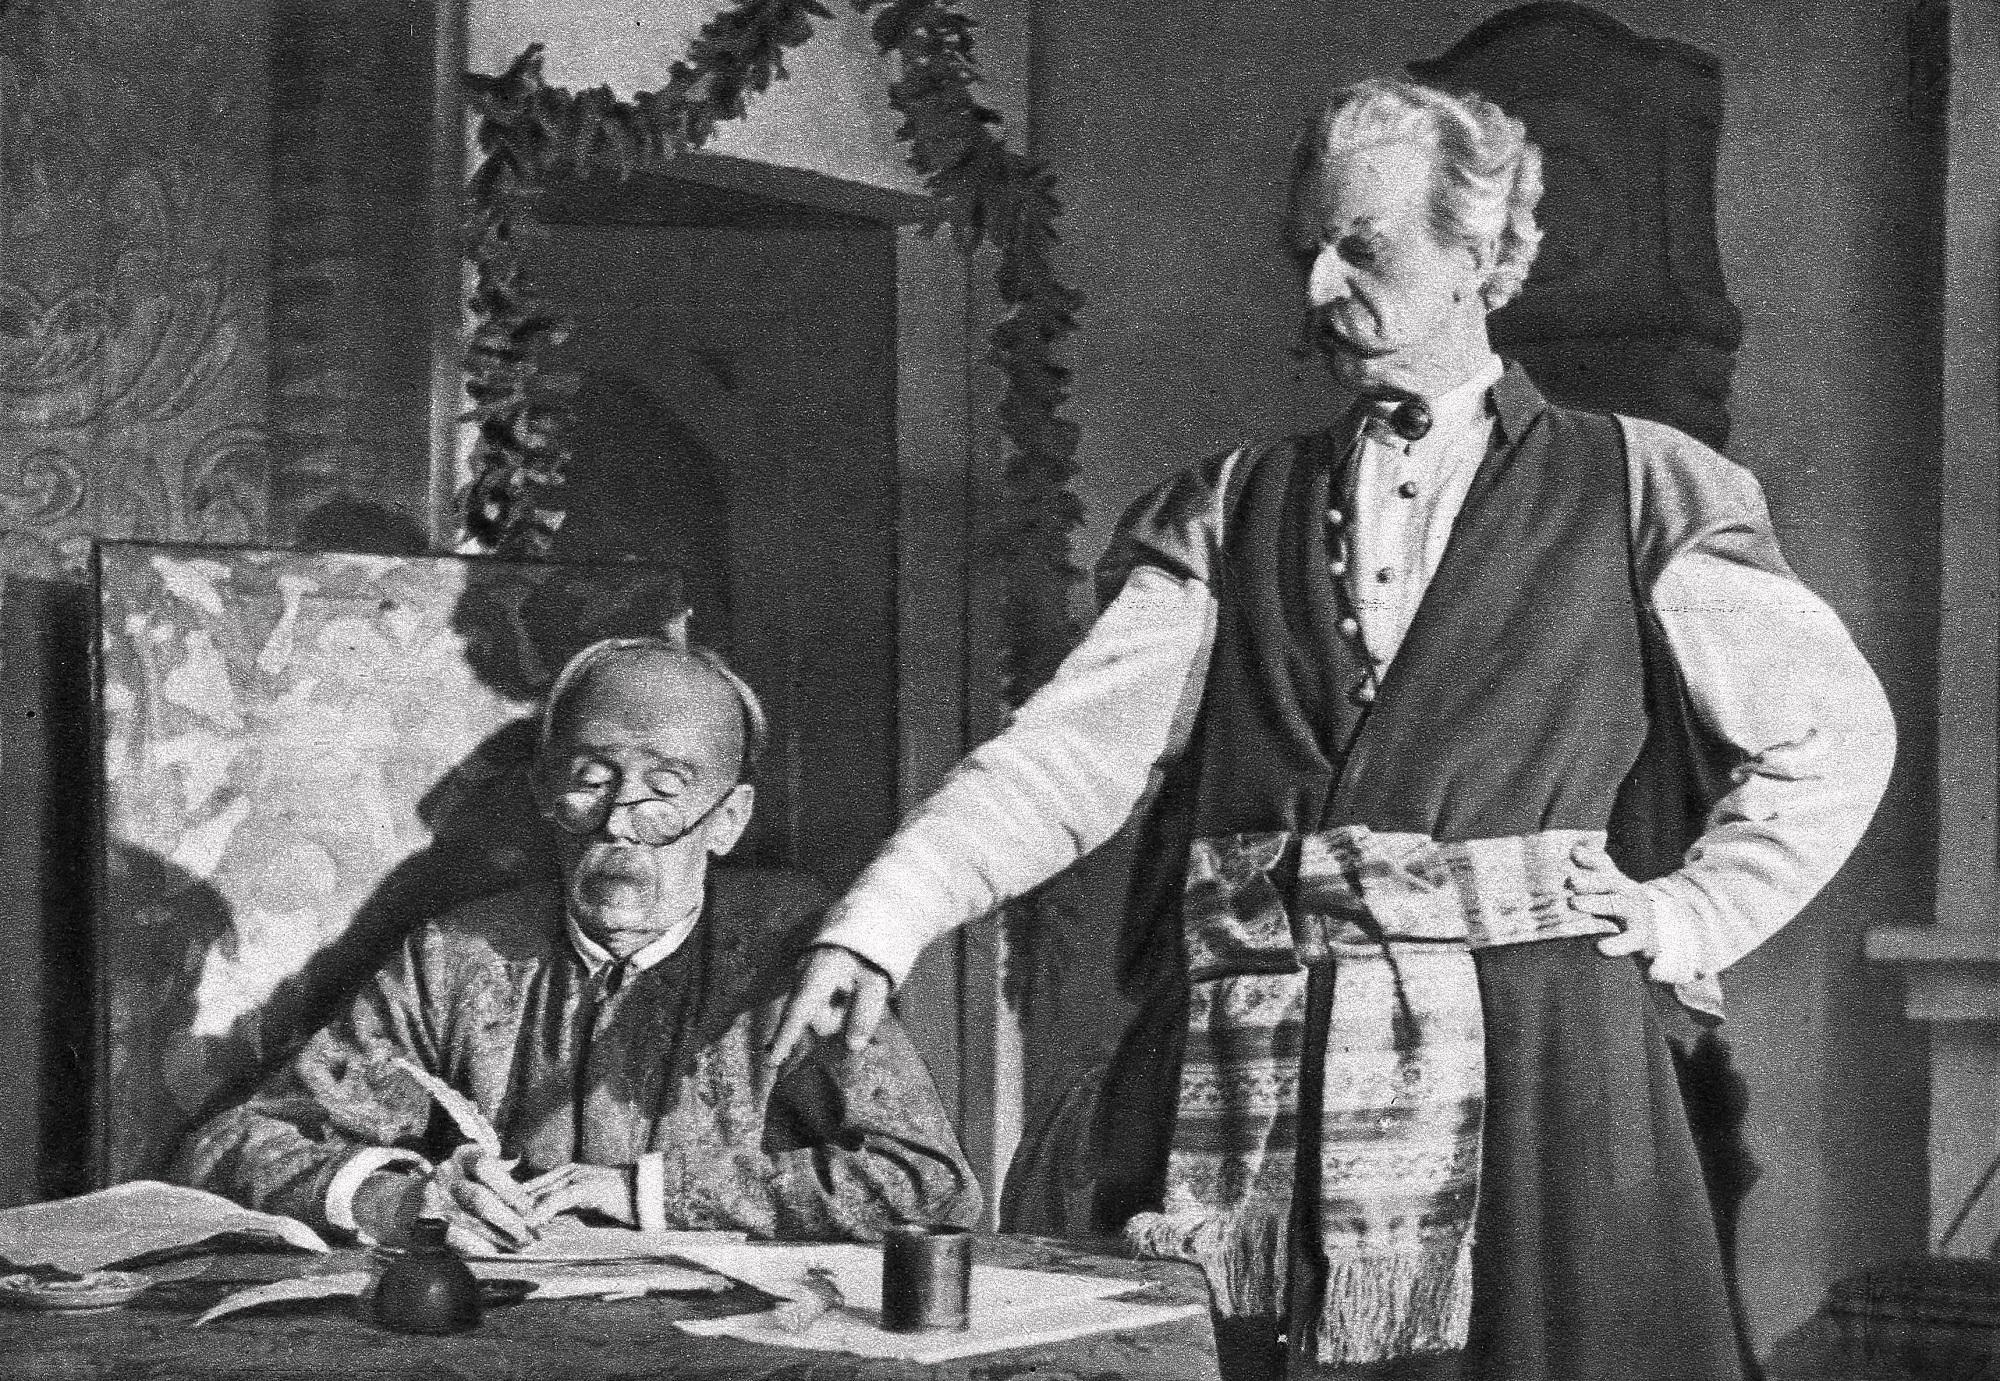 Ludwik Solski jako Dyndalski i Jerzy Leszczyński jako Cześnik Raptusiewicz w sztuce Zemsta w Teatrze im. Julisza Słowackiego w Krakowie w 1948 roku (fot. WIkipedia)